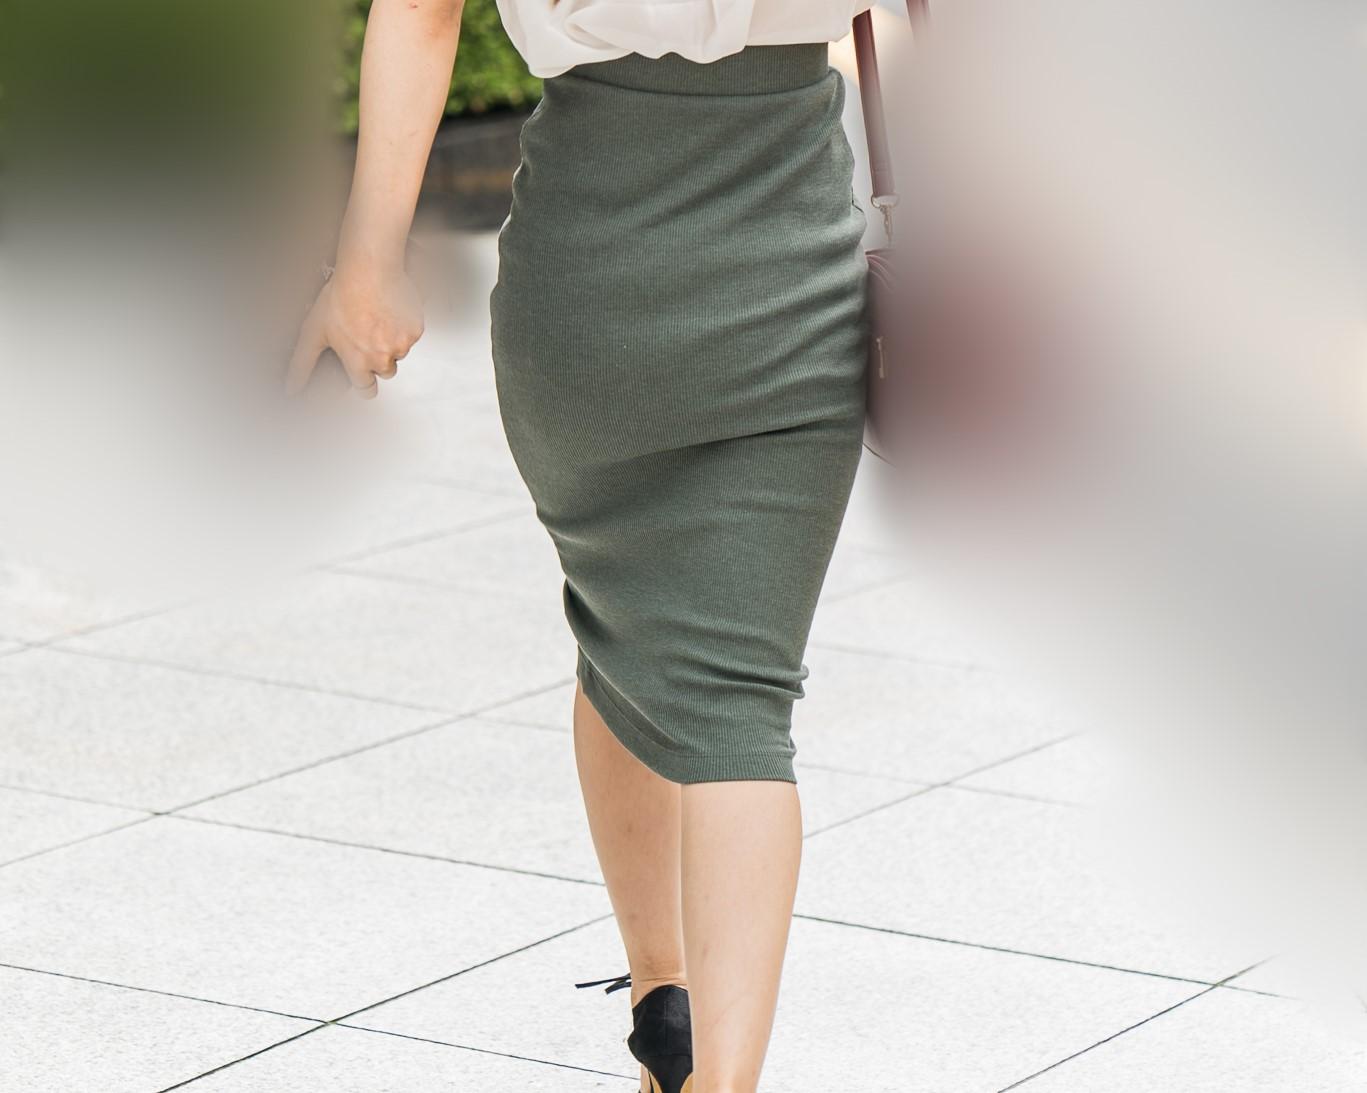 スレンダーでタイト!小尻が可愛いピタピタのタイトスカート!